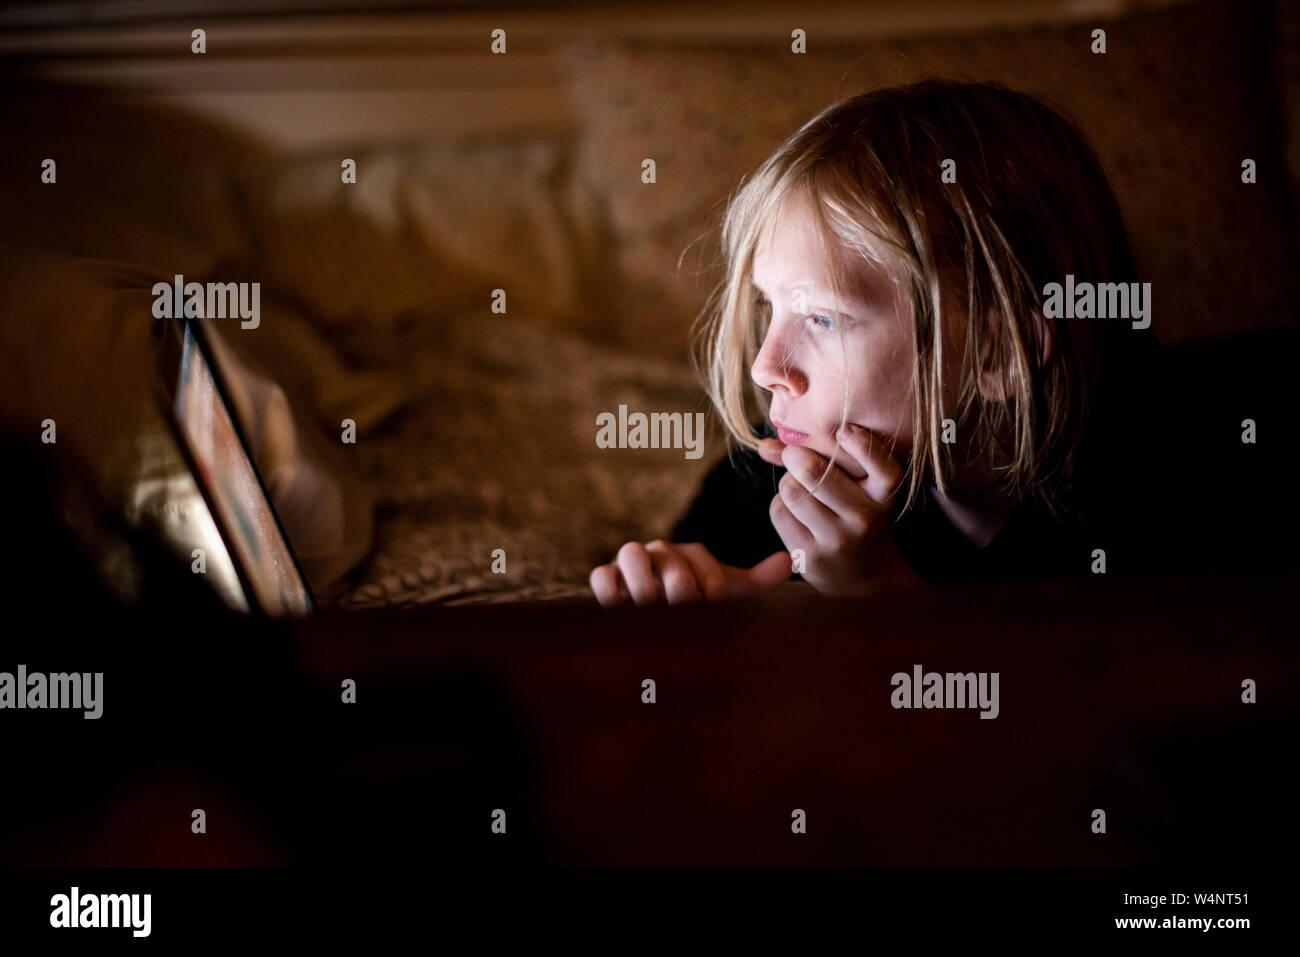 Kind auf dem Bildschirm in der Dunkelheit Stockfoto